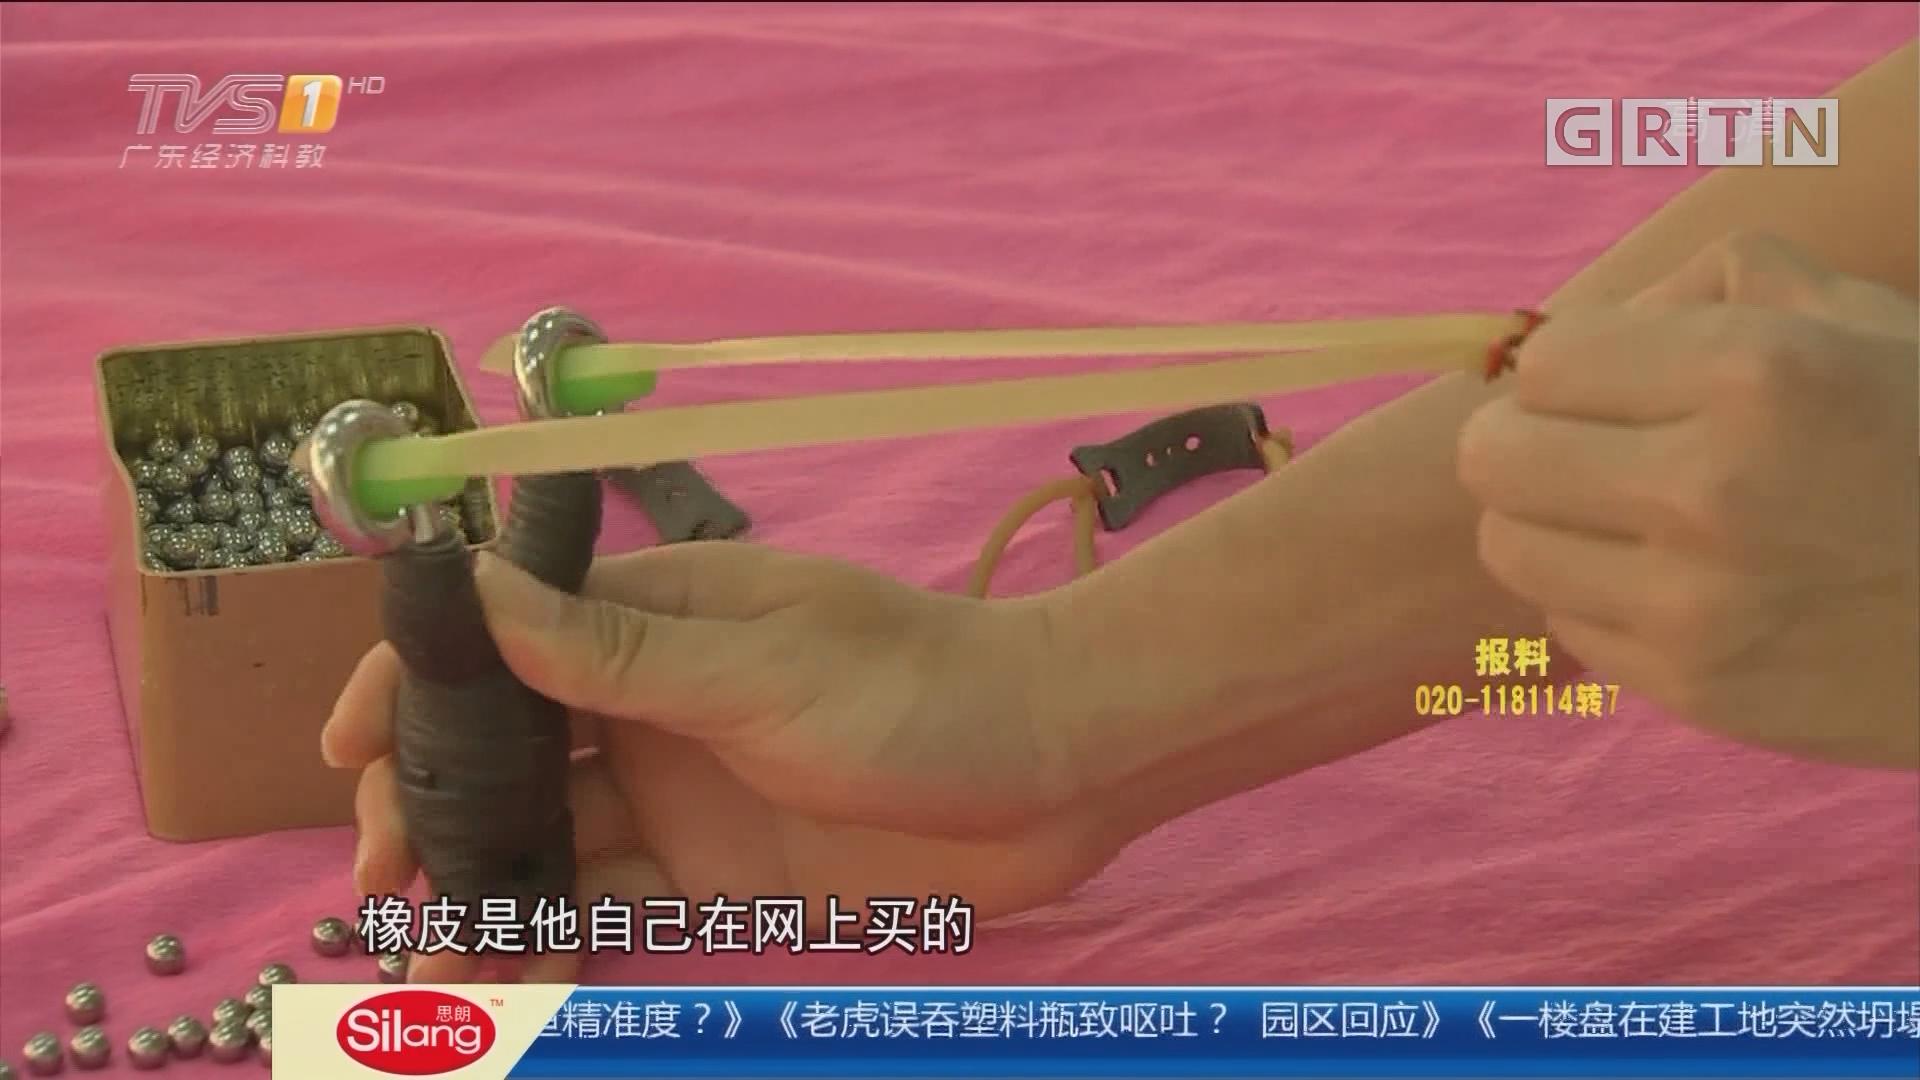 """佛山顺德:""""钢珠射手""""落网 只为苦练打鱼精准度?"""